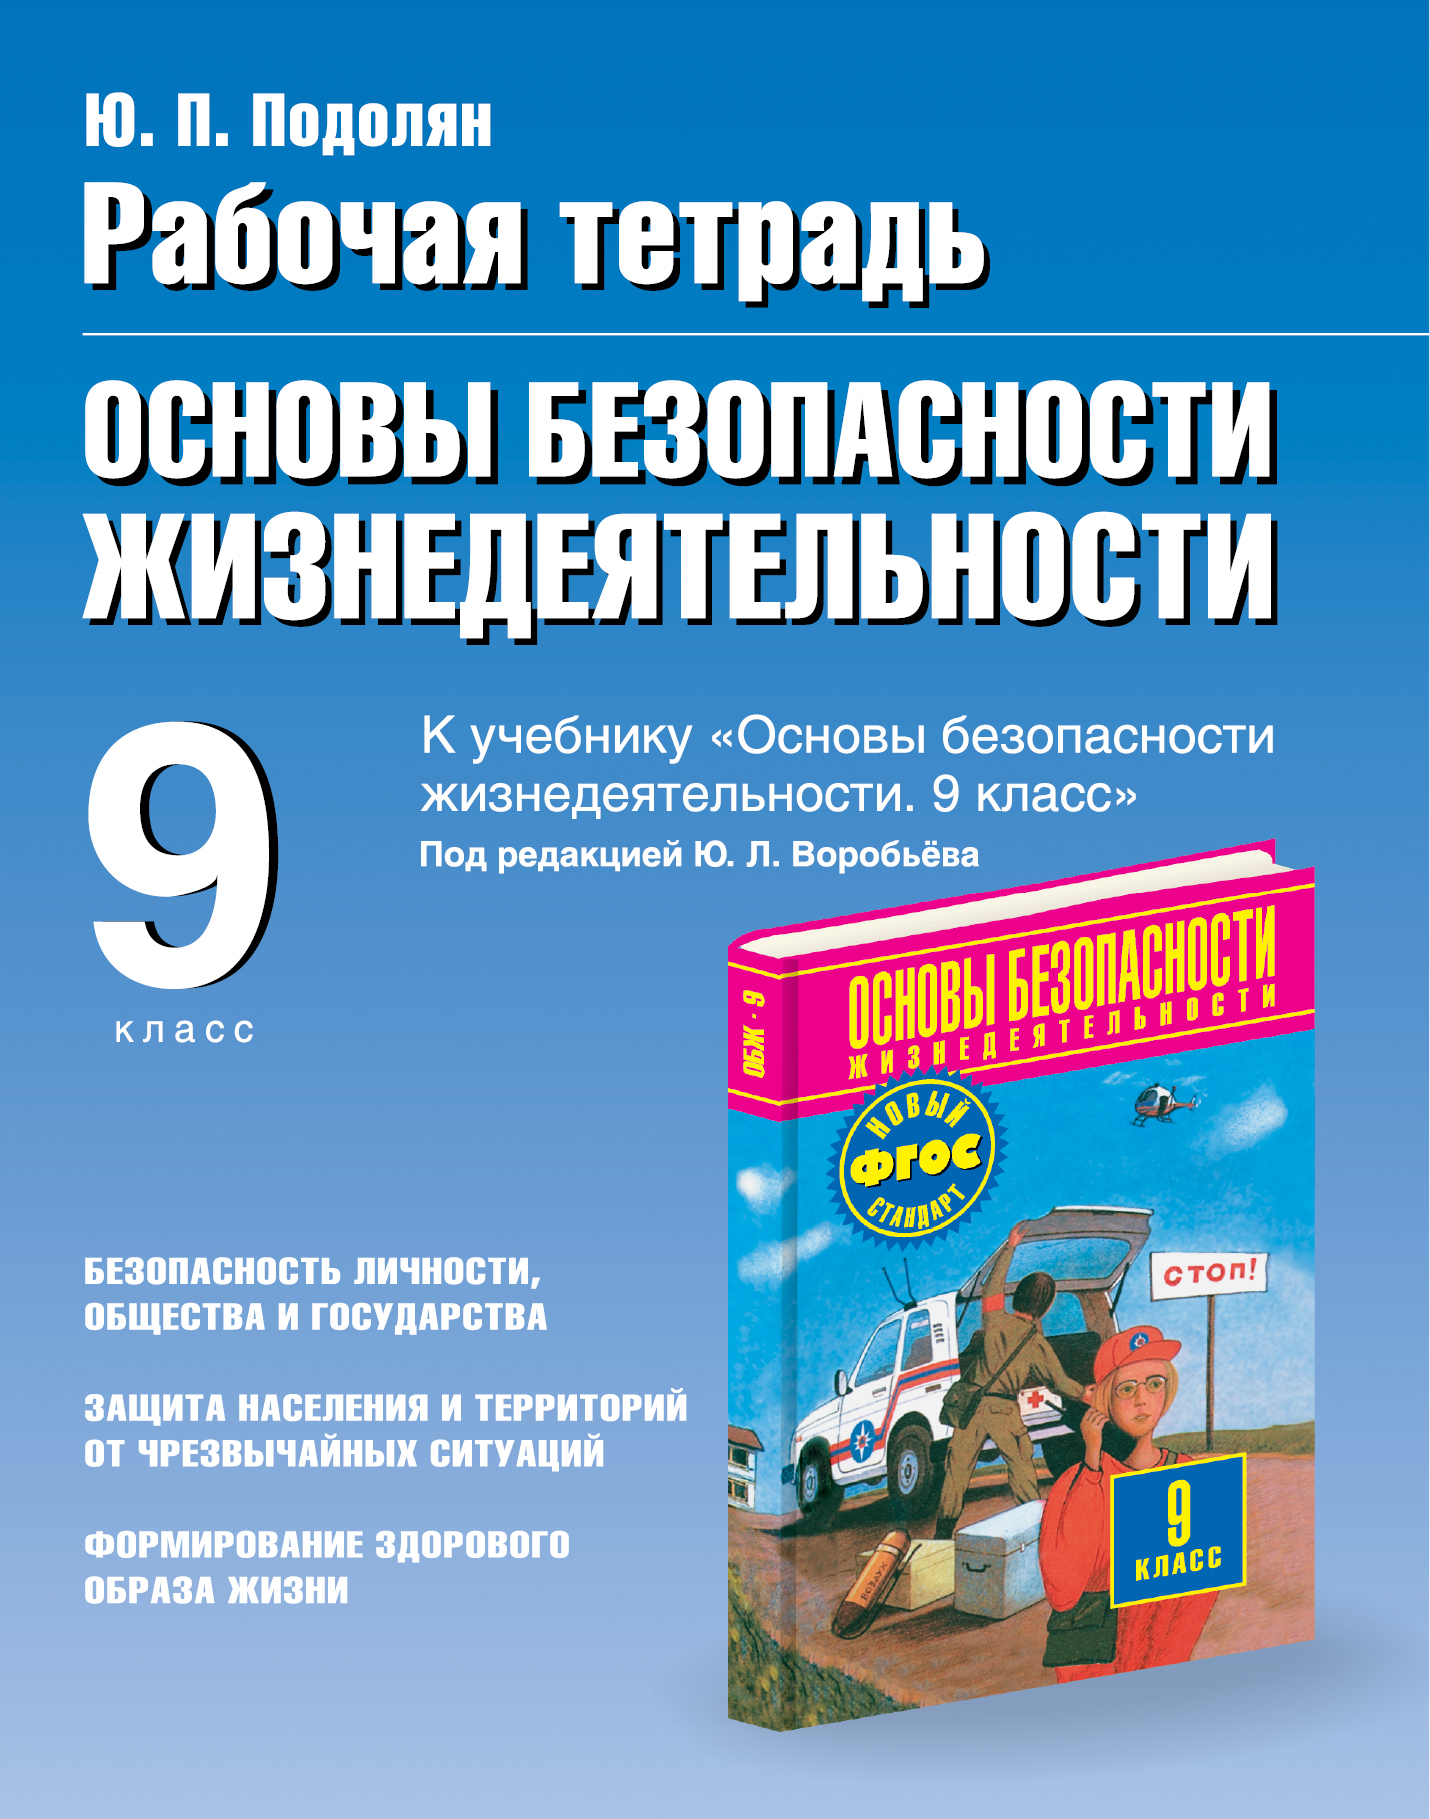 Основы безопасности жизнедеятельности. 9 класс. Рабочая тетрадь